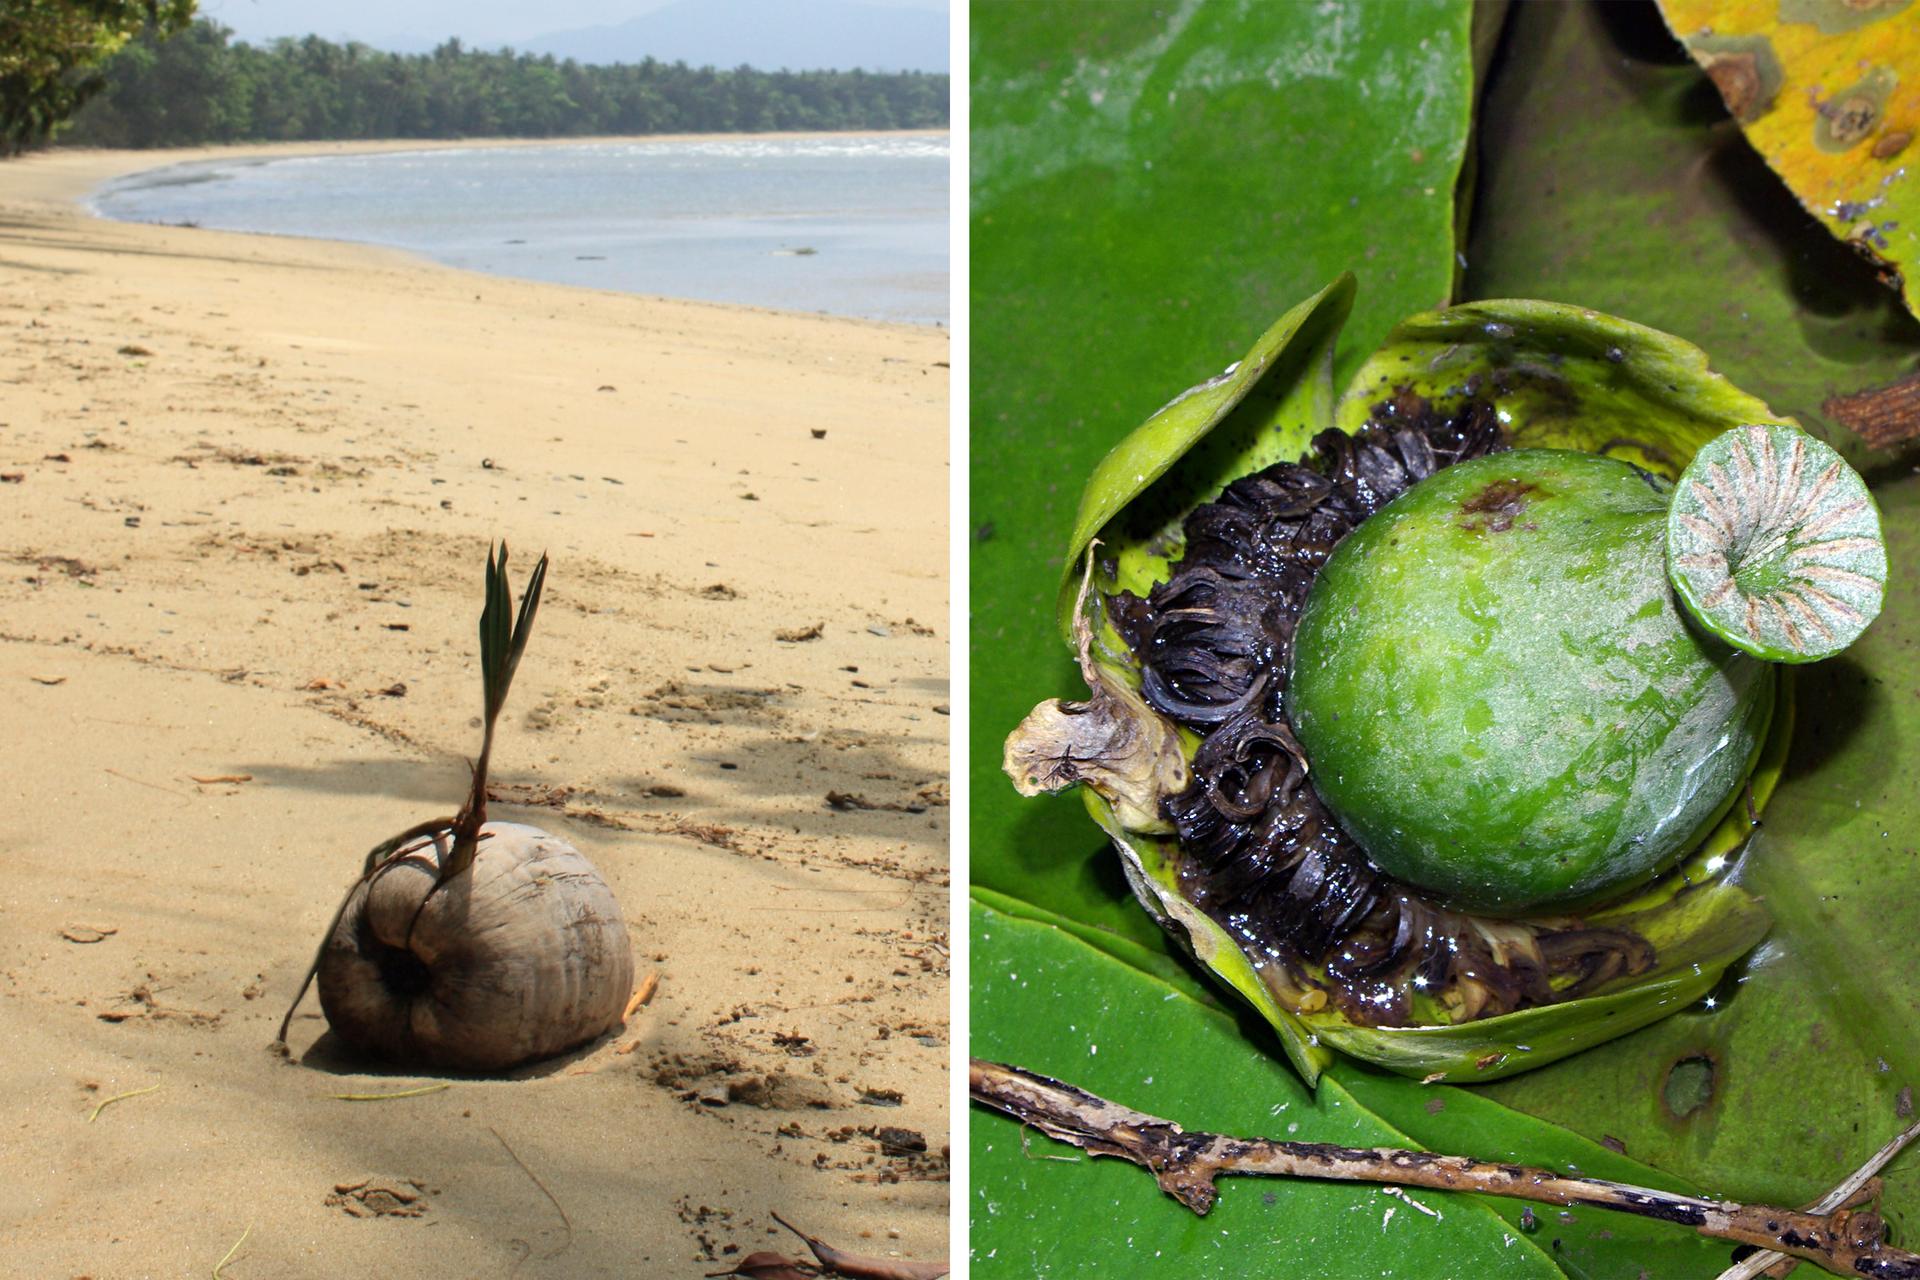 """Fotografie przedstawiają nasiona, rozsiewane przez wodę. Zlewej szary, beczułkowaty owoc leży na słonecznej plaży. Wyrastają zniego wgórę podłużne listki, awdół korzonki. Po prawej zbliżenie zielonego, butelkowatego owocu. Znajduje się na """"łódeczce"""" utworzonej przez płatki kwiatu, awokół znajdują się liczne czarne pozostałości pręcików."""